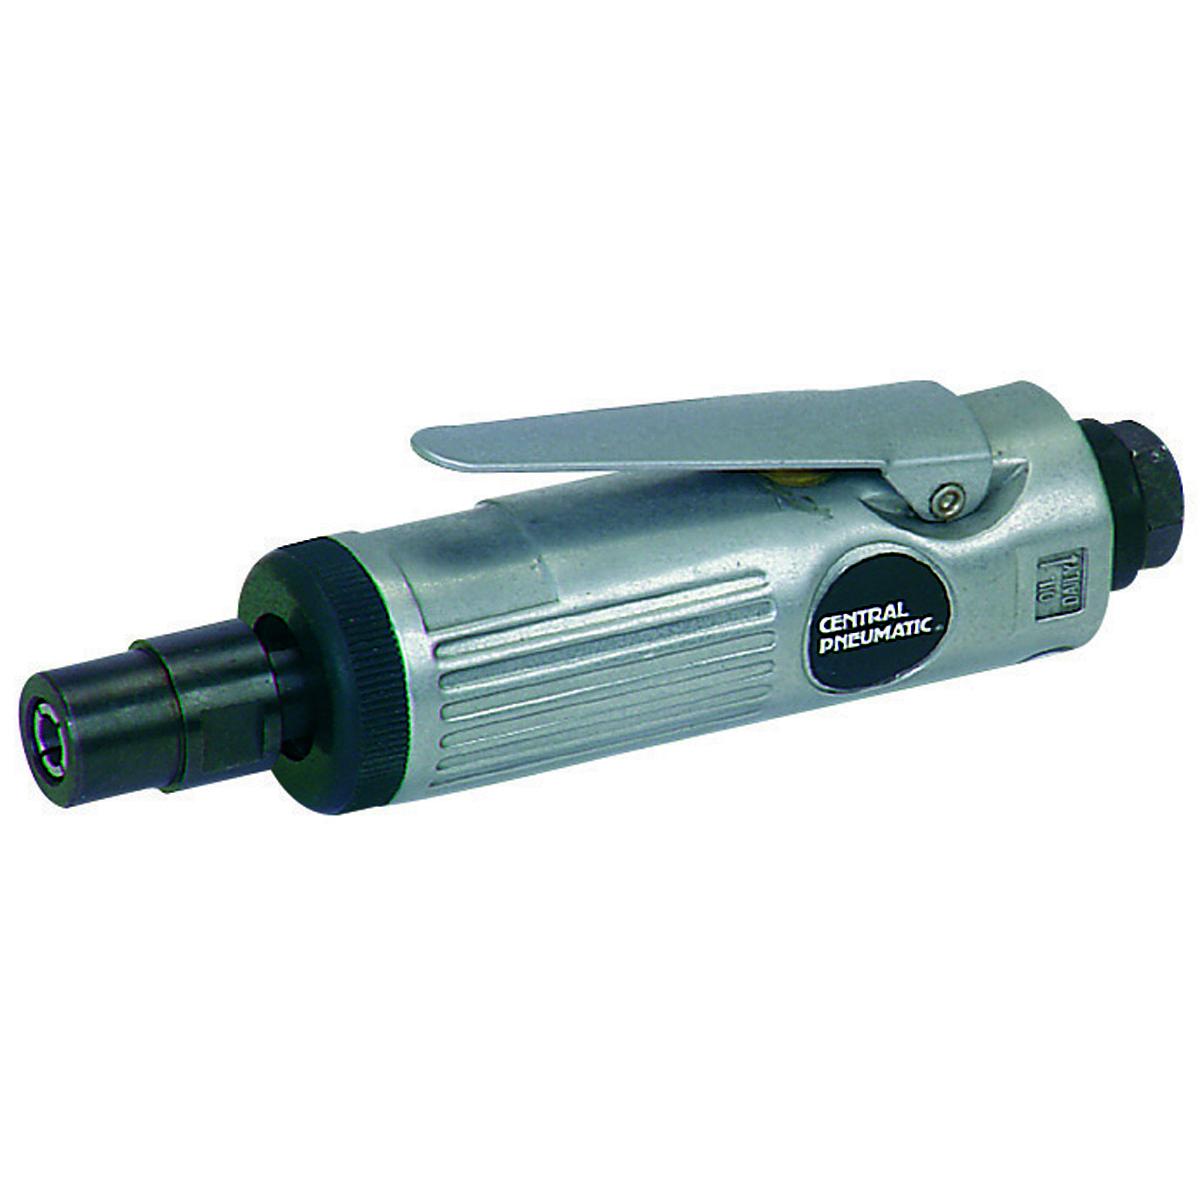 Die Grinder Harbor Freight Tools ~ Rear exhaust air die grinder